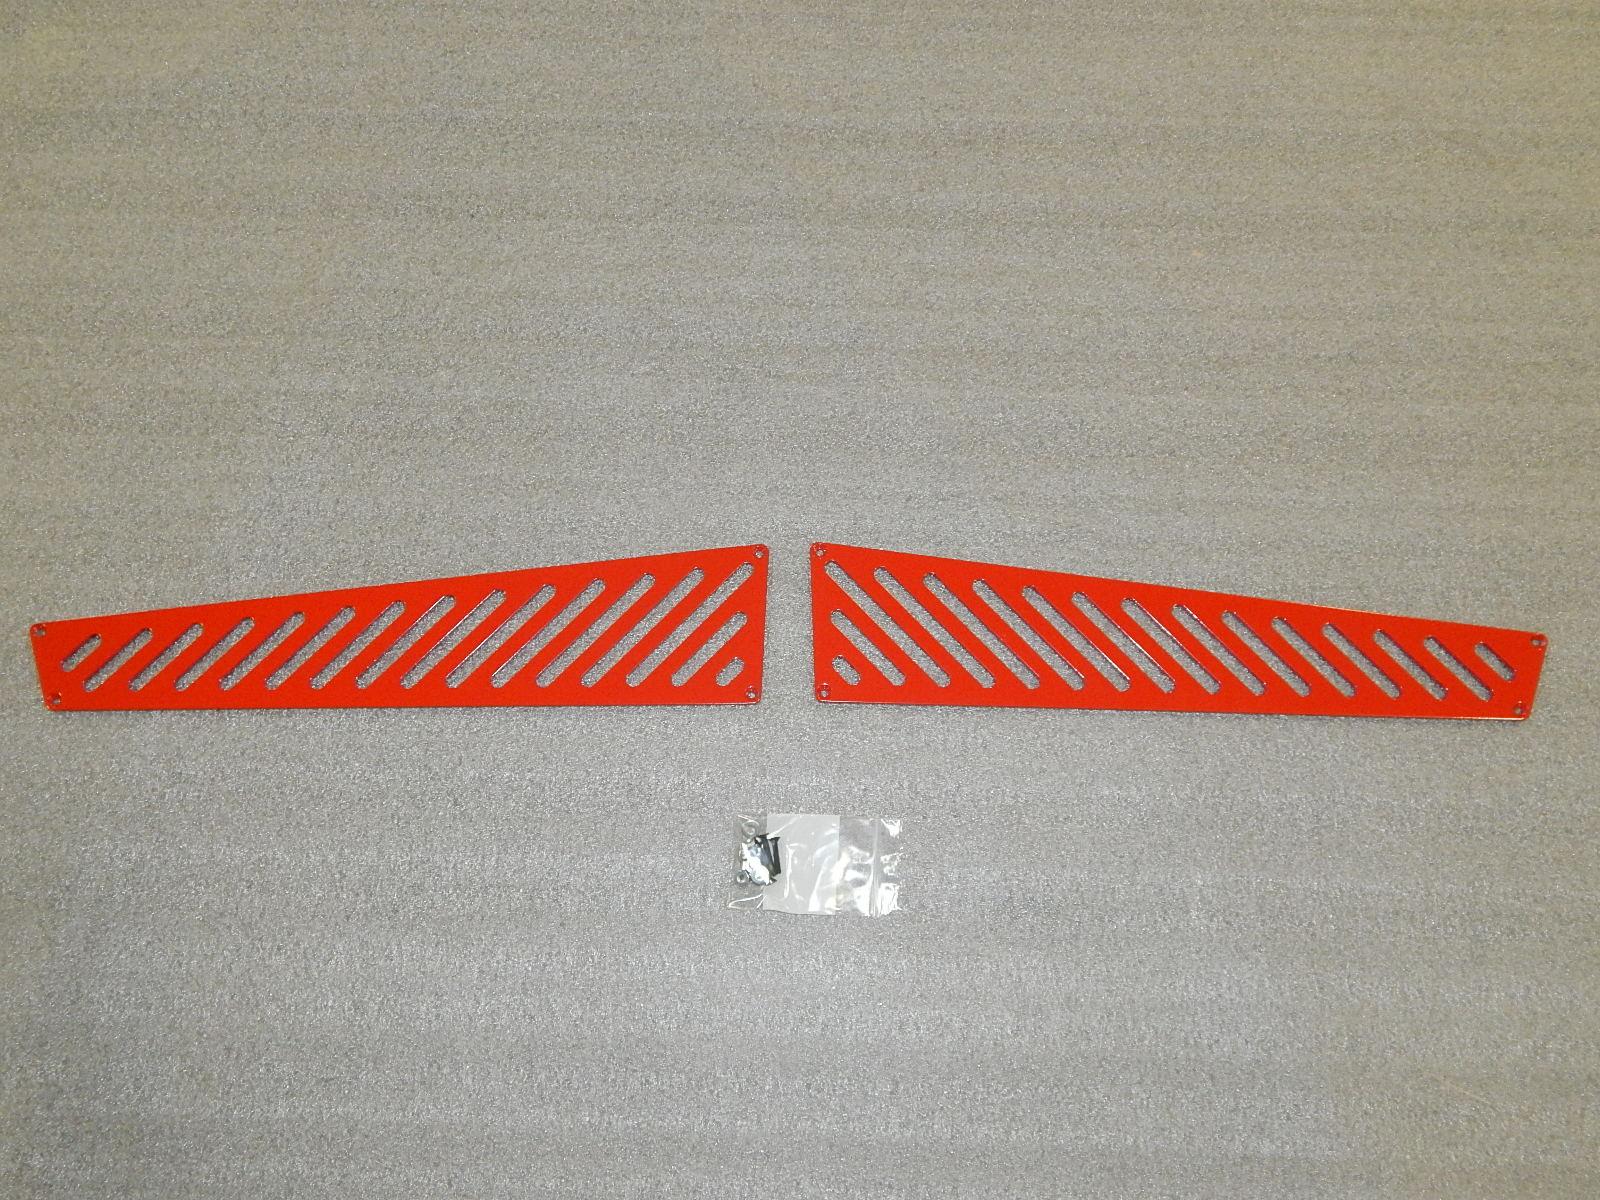 Axiom-INTAKE COVER-Polaris,RZR XP 1000